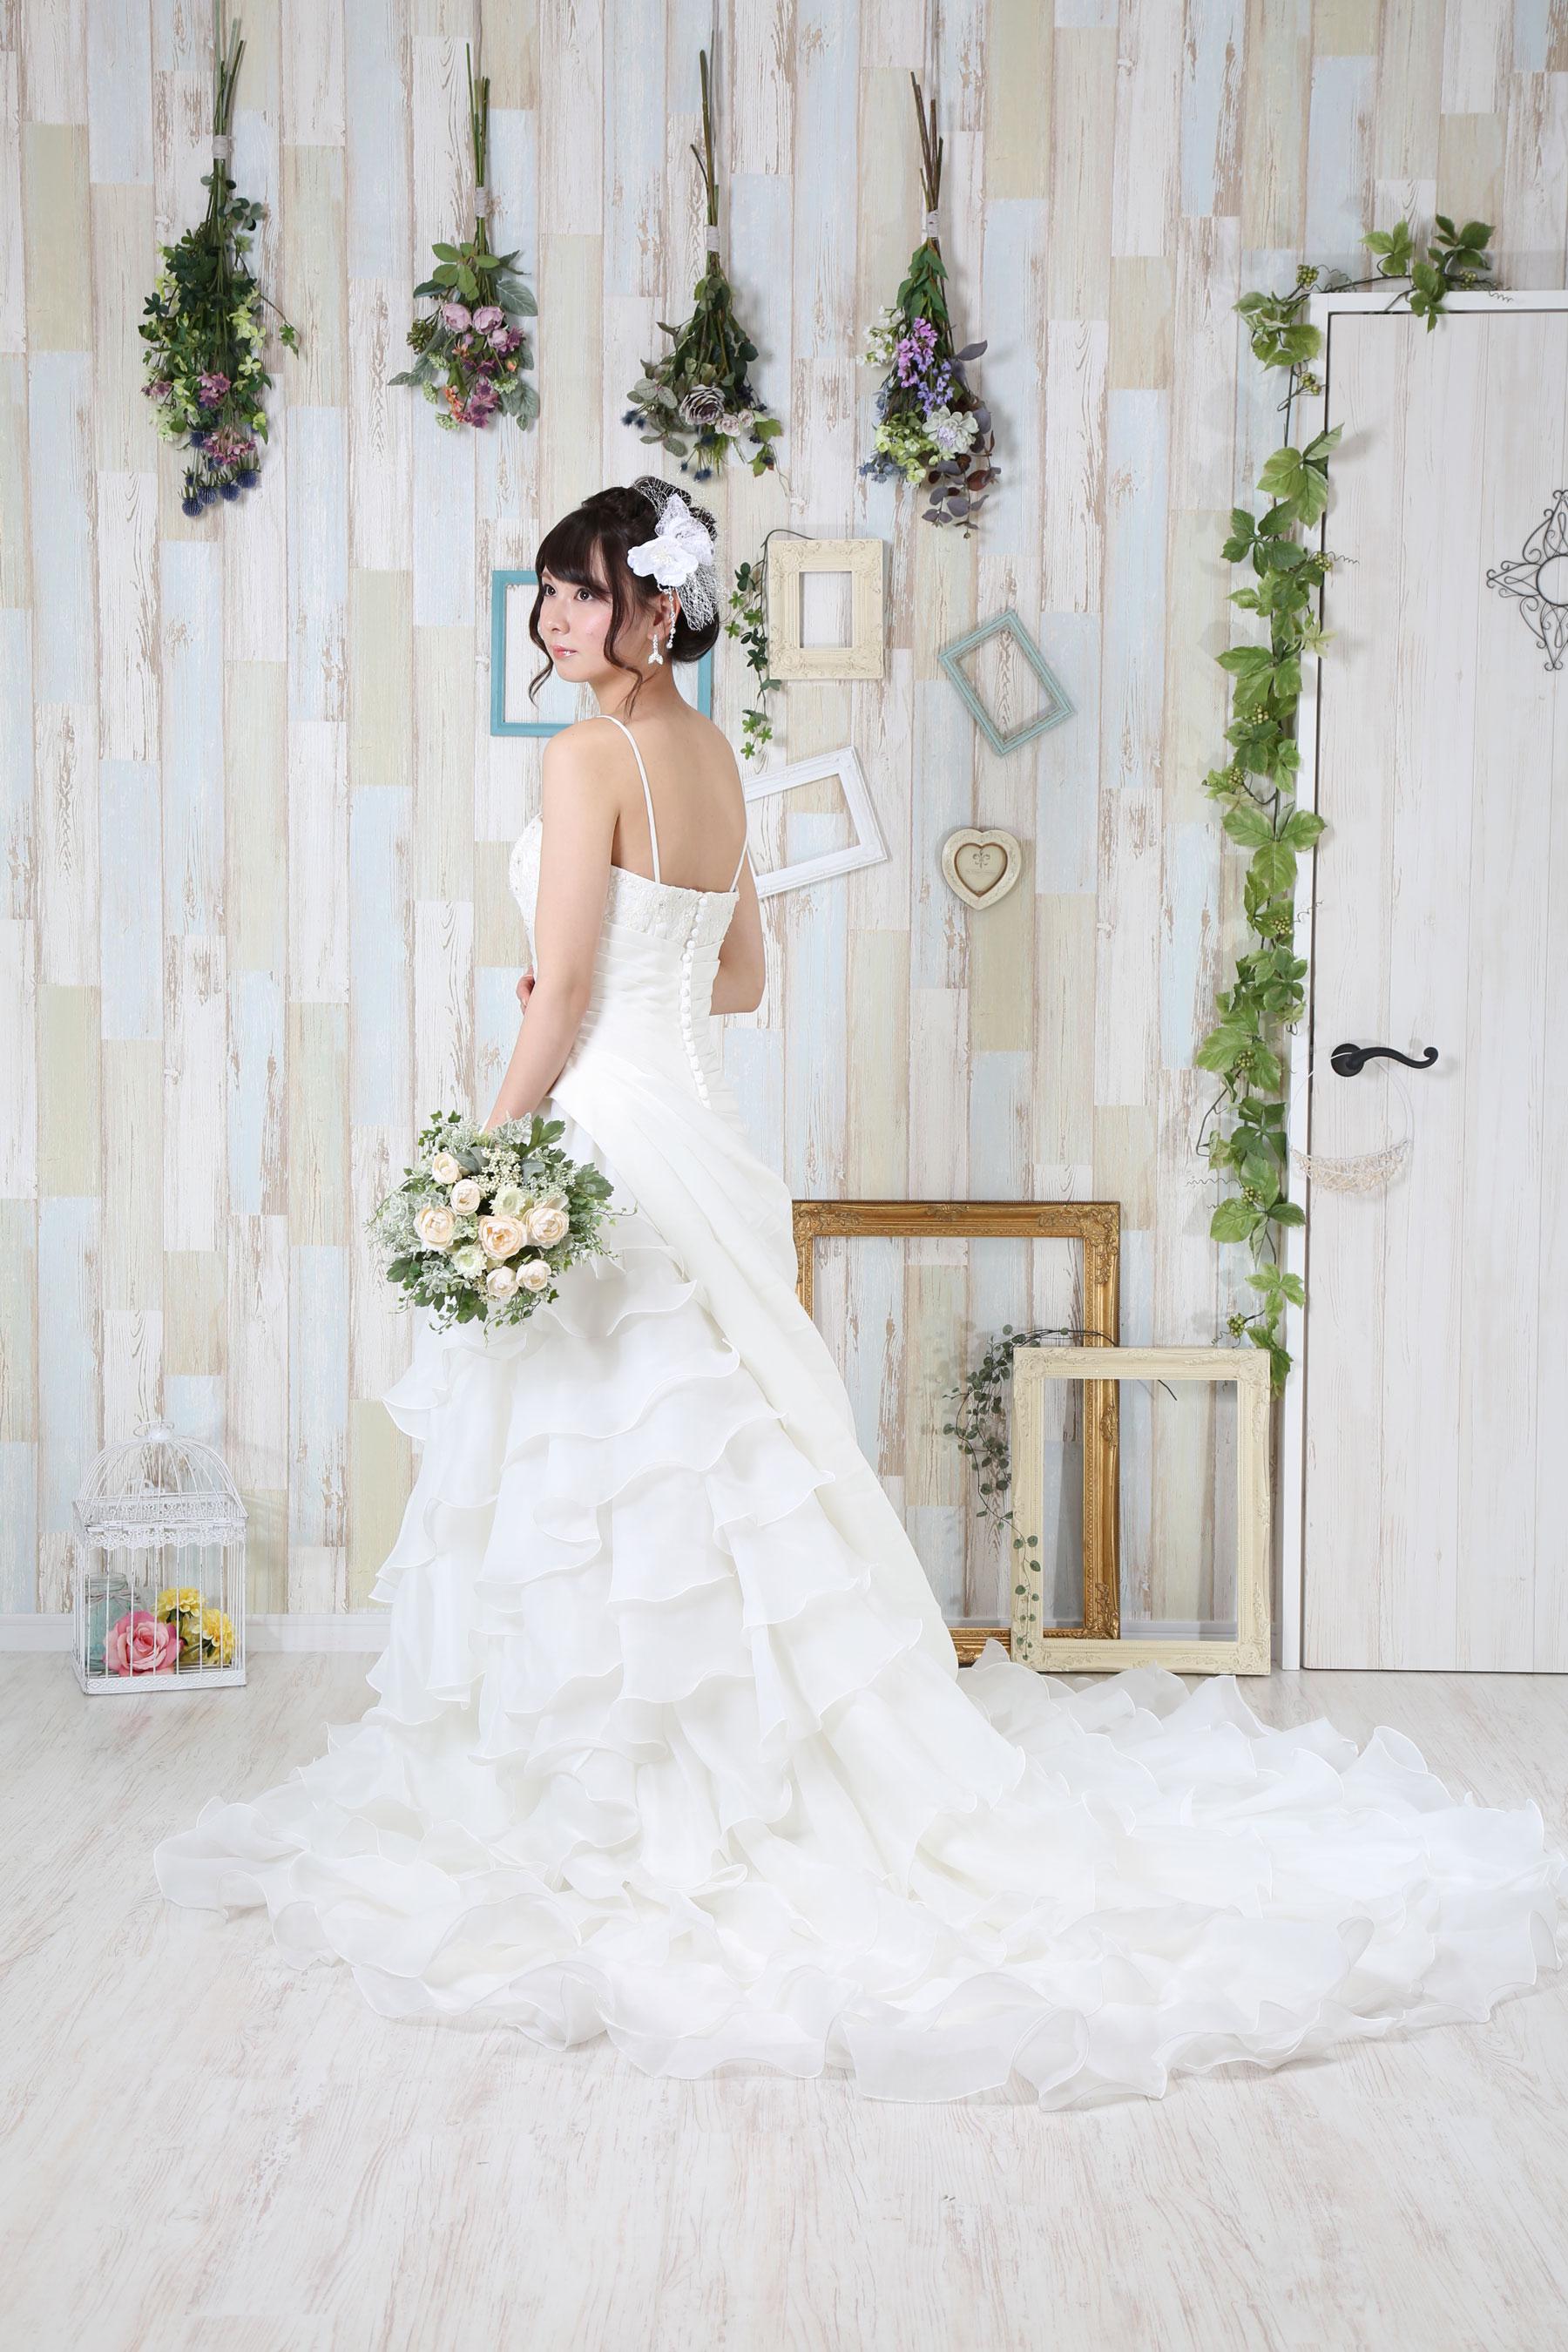 ★20180211-ドレス衣装撮影_140